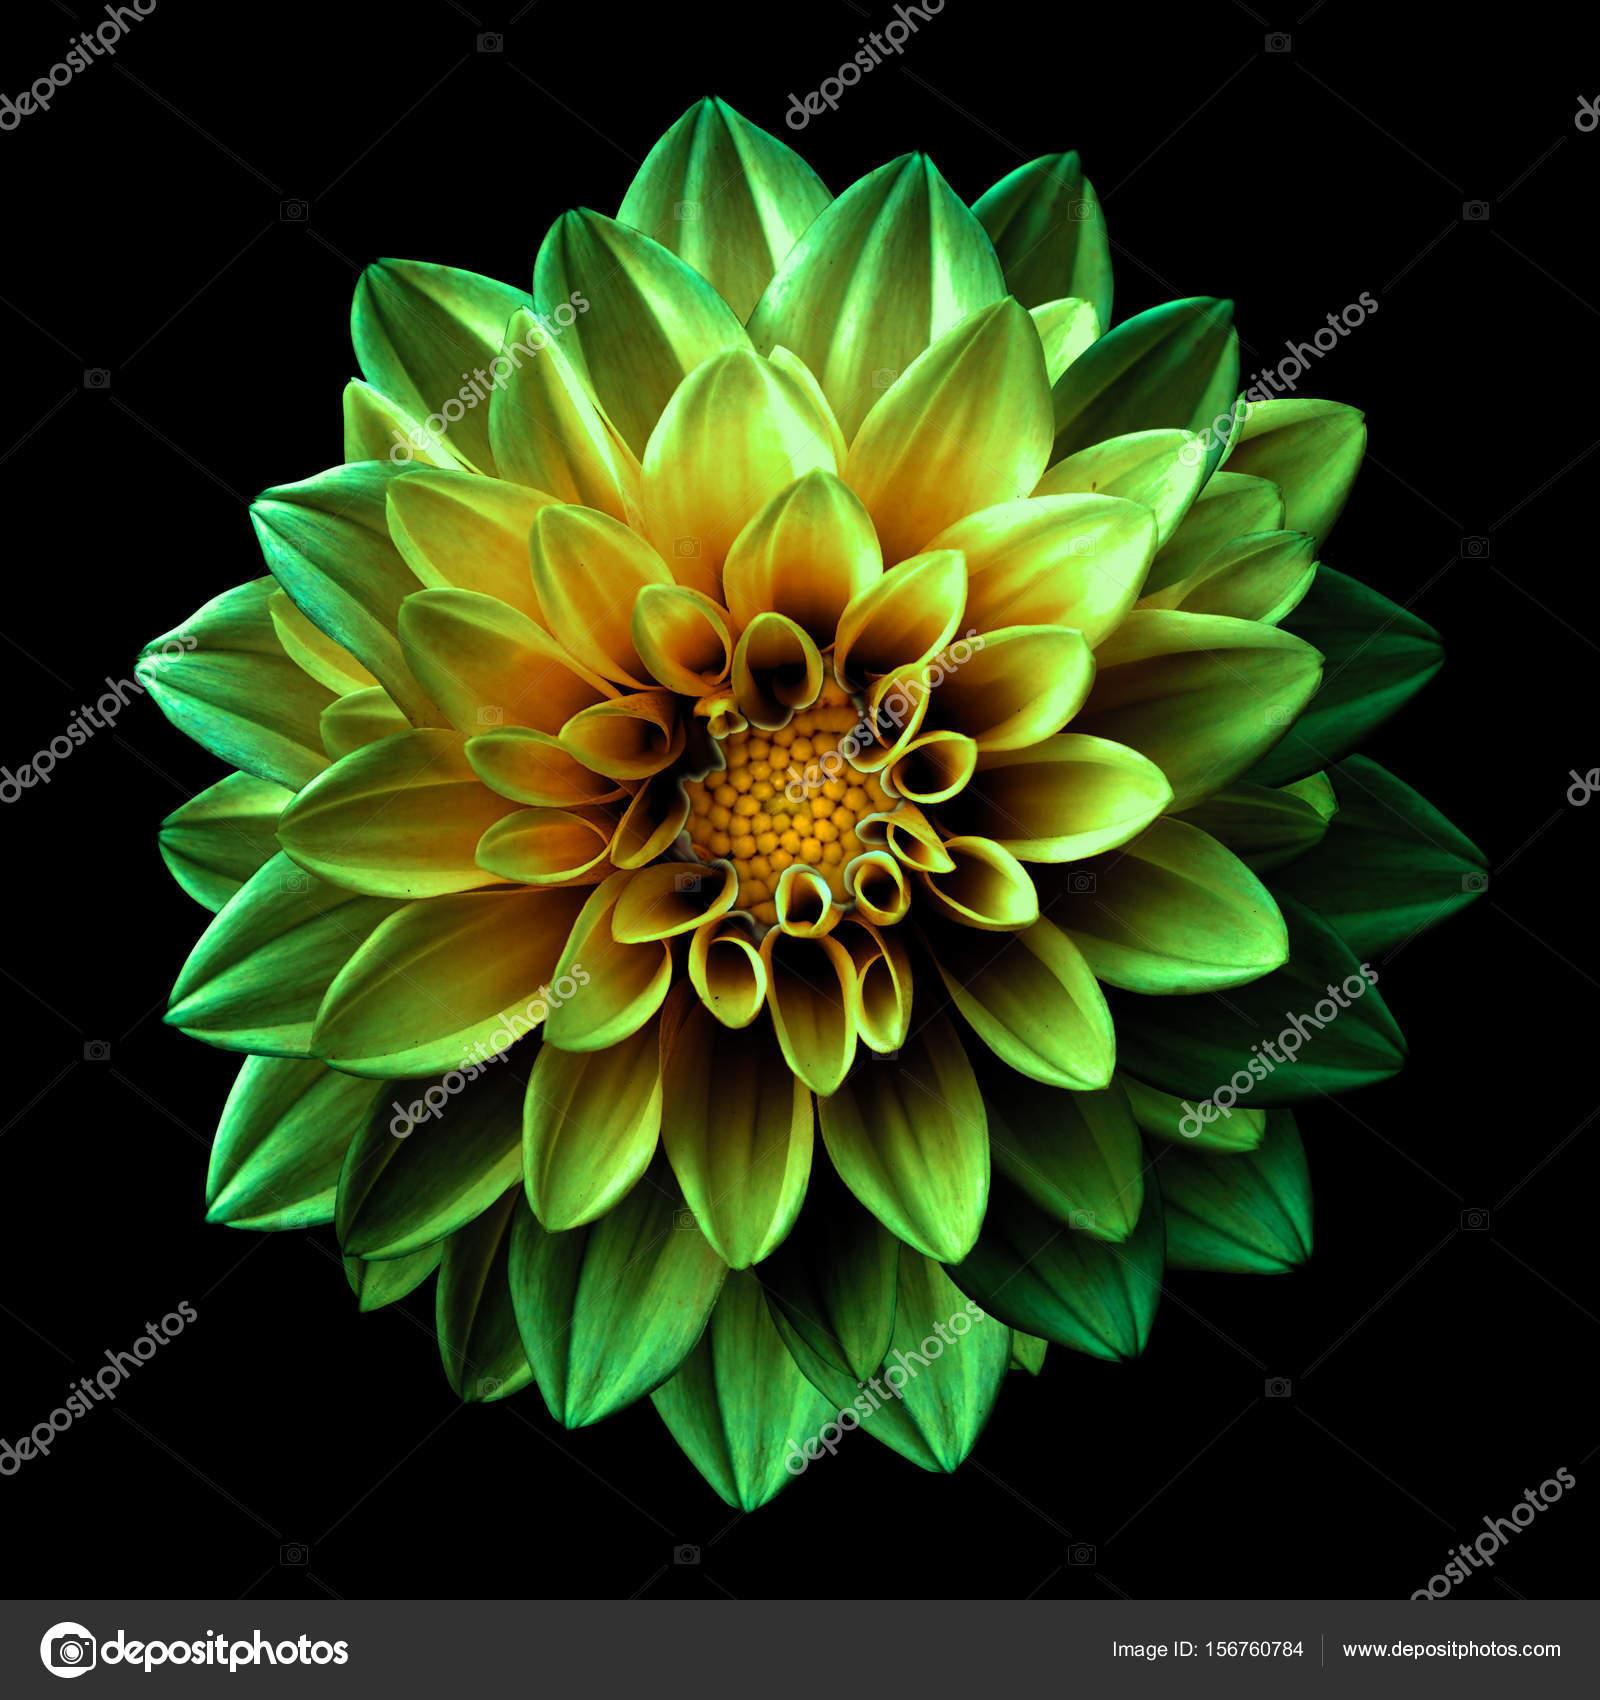 Surreal dark chrome green and yellow flower dahlia macro isolated on surreal dark chrome green and yellow flower dahlia macro isolated on black stock photo izmirmasajfo